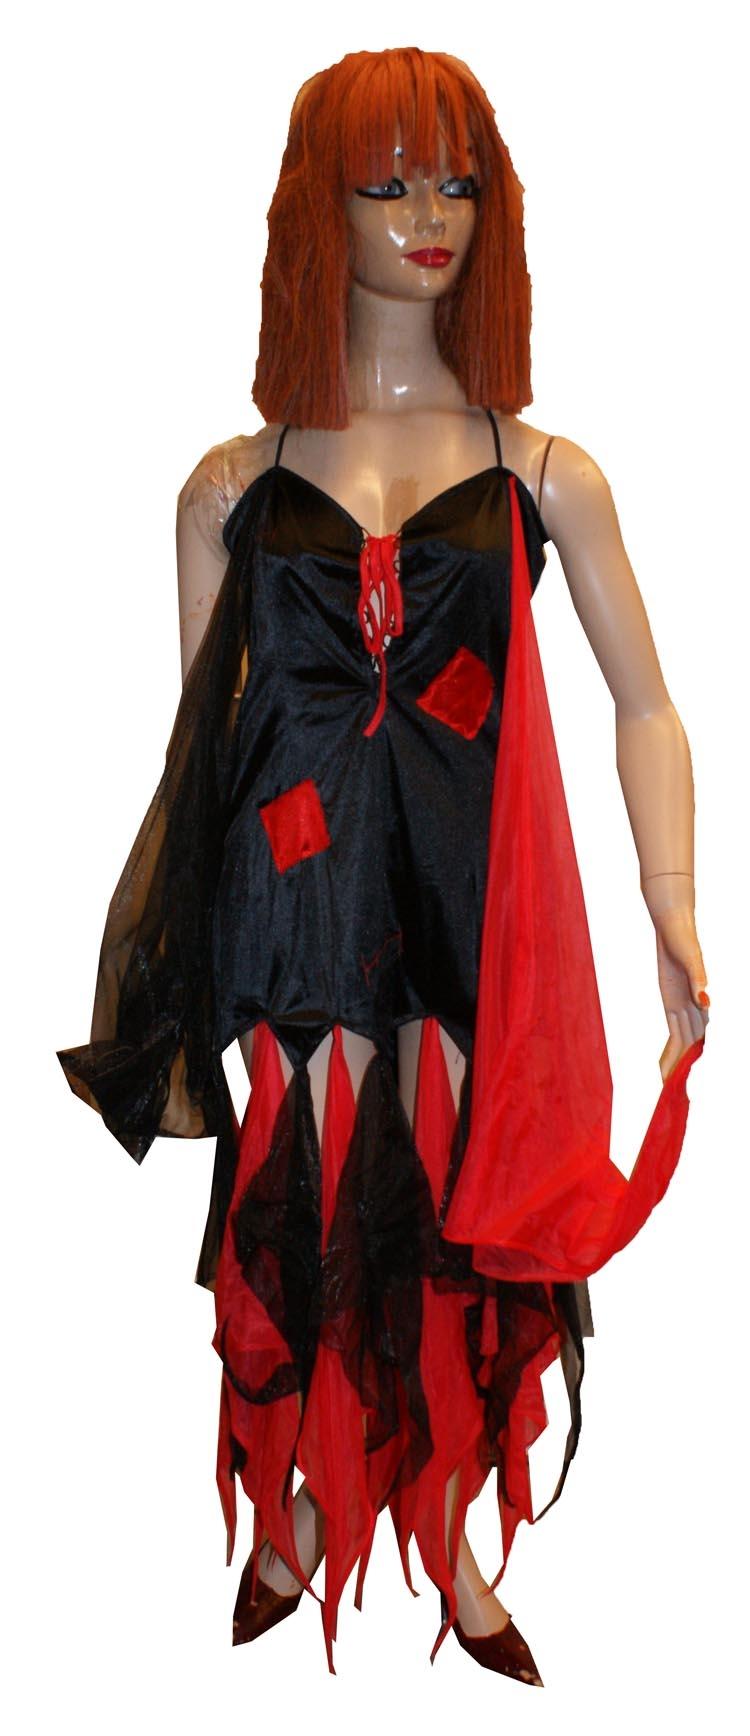 Duivelin rood / zwart